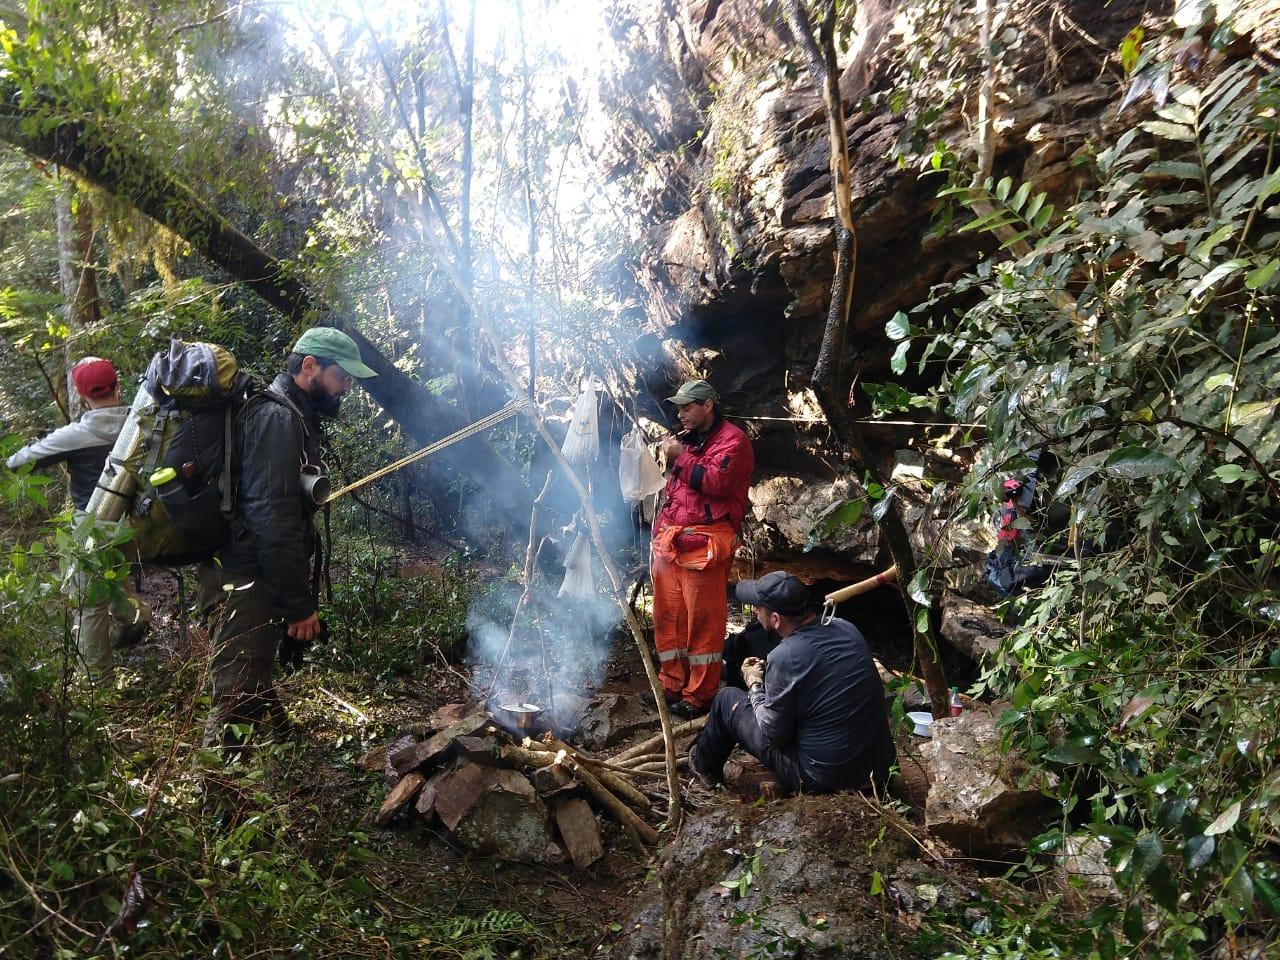 Sobrevivência em áreas remotas